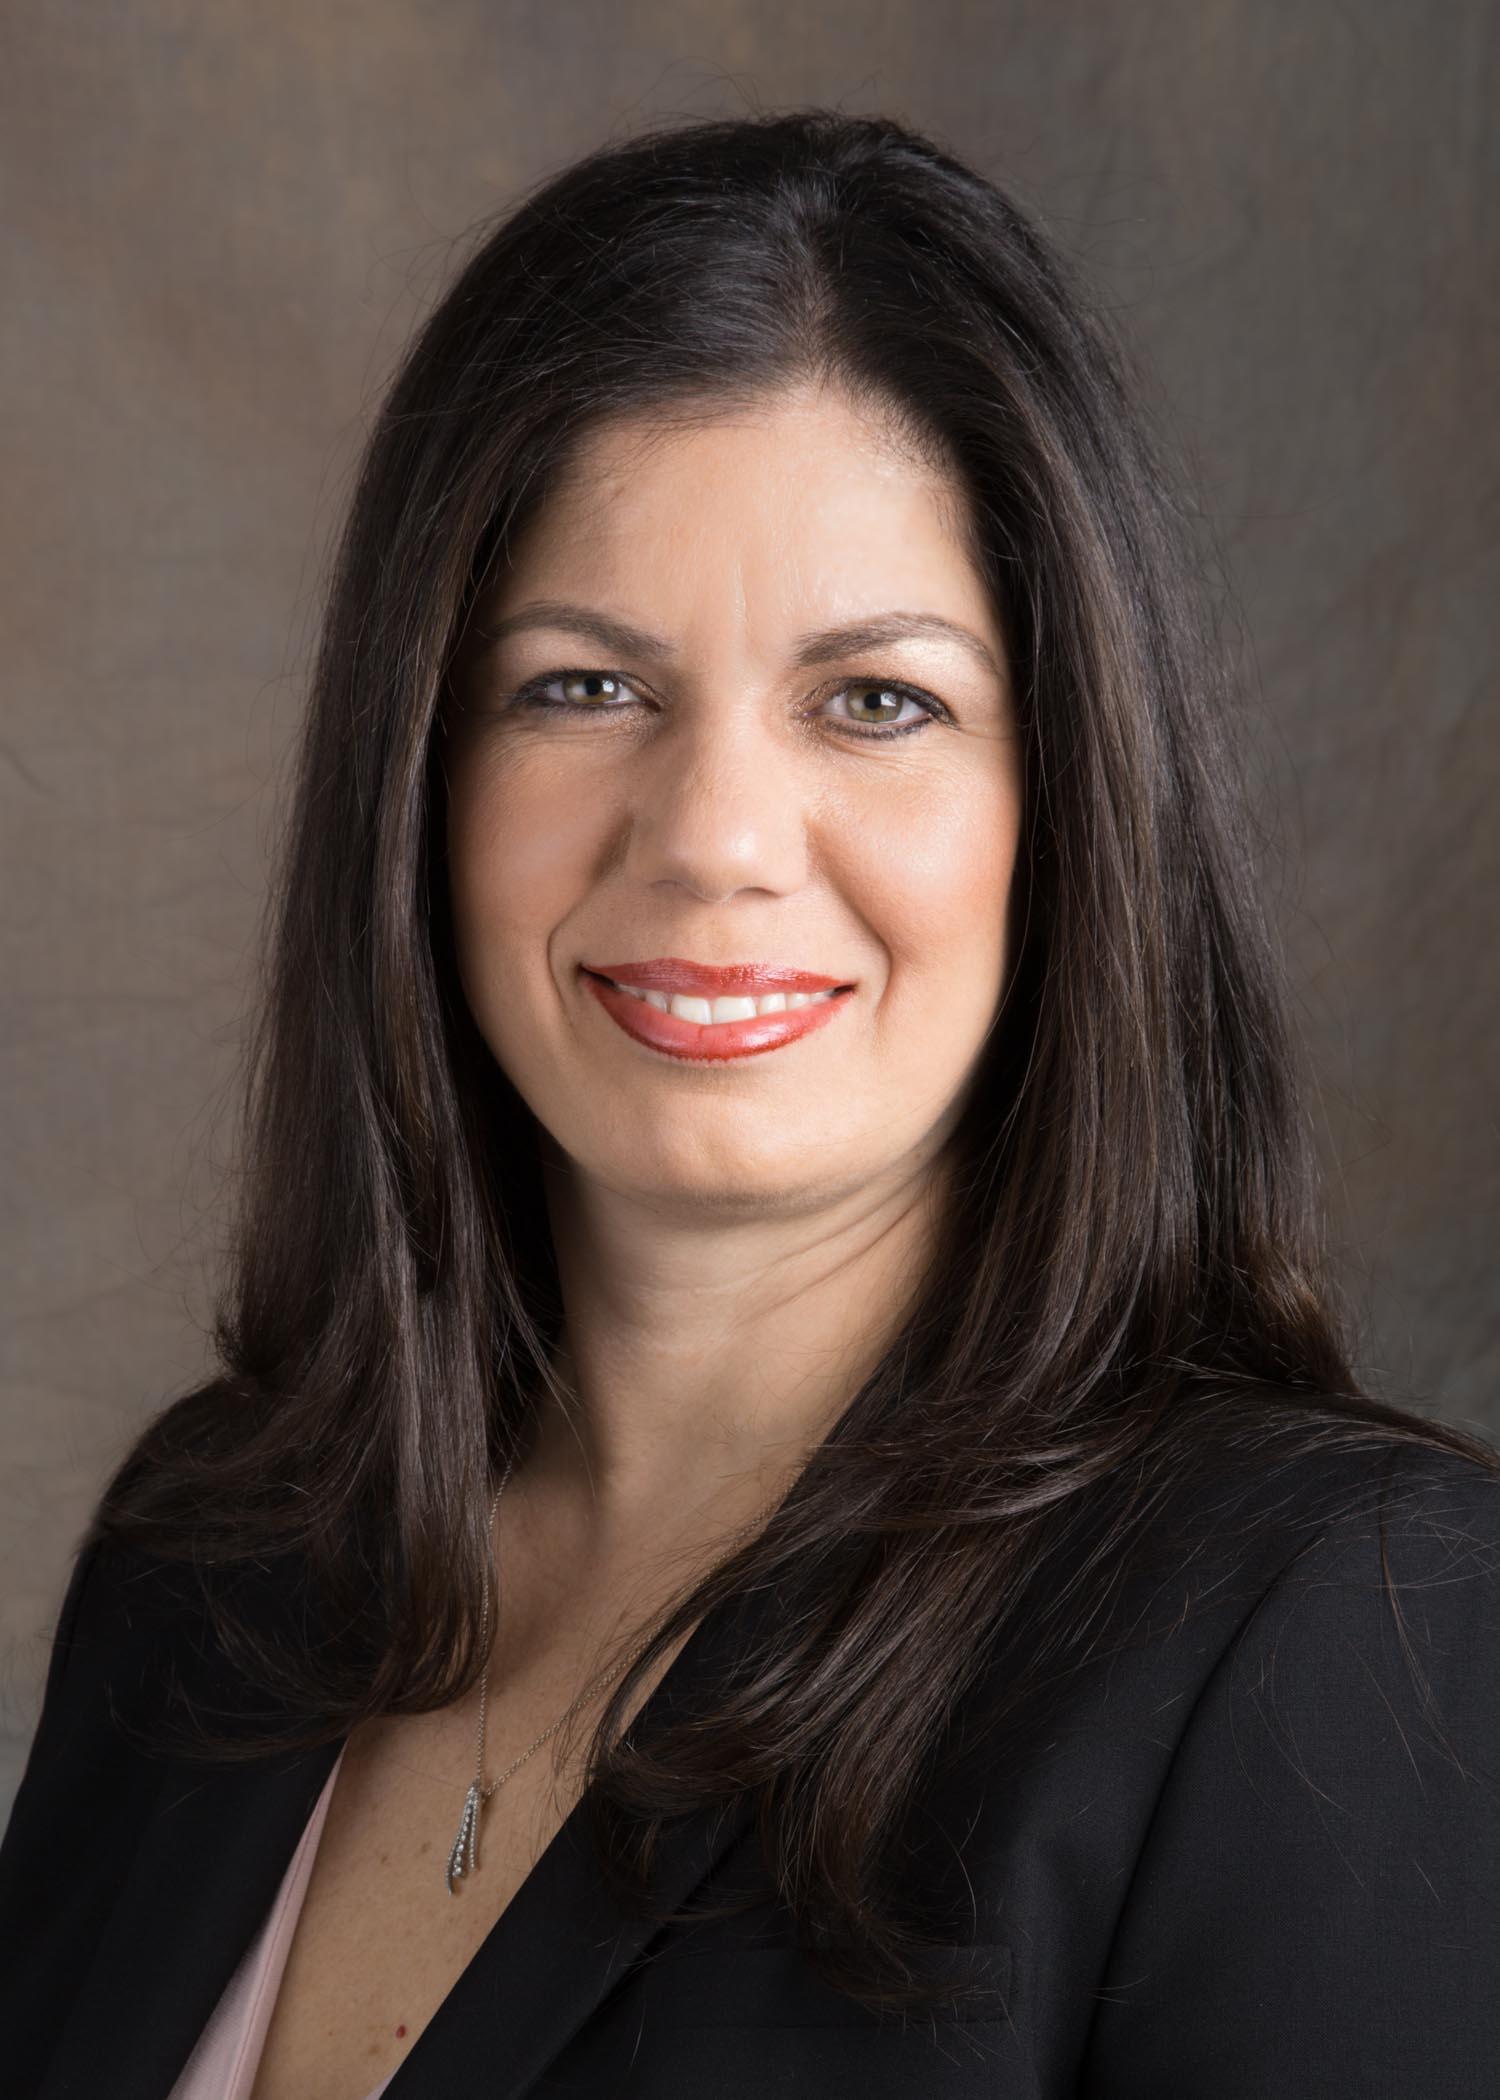 Giselle Piraro